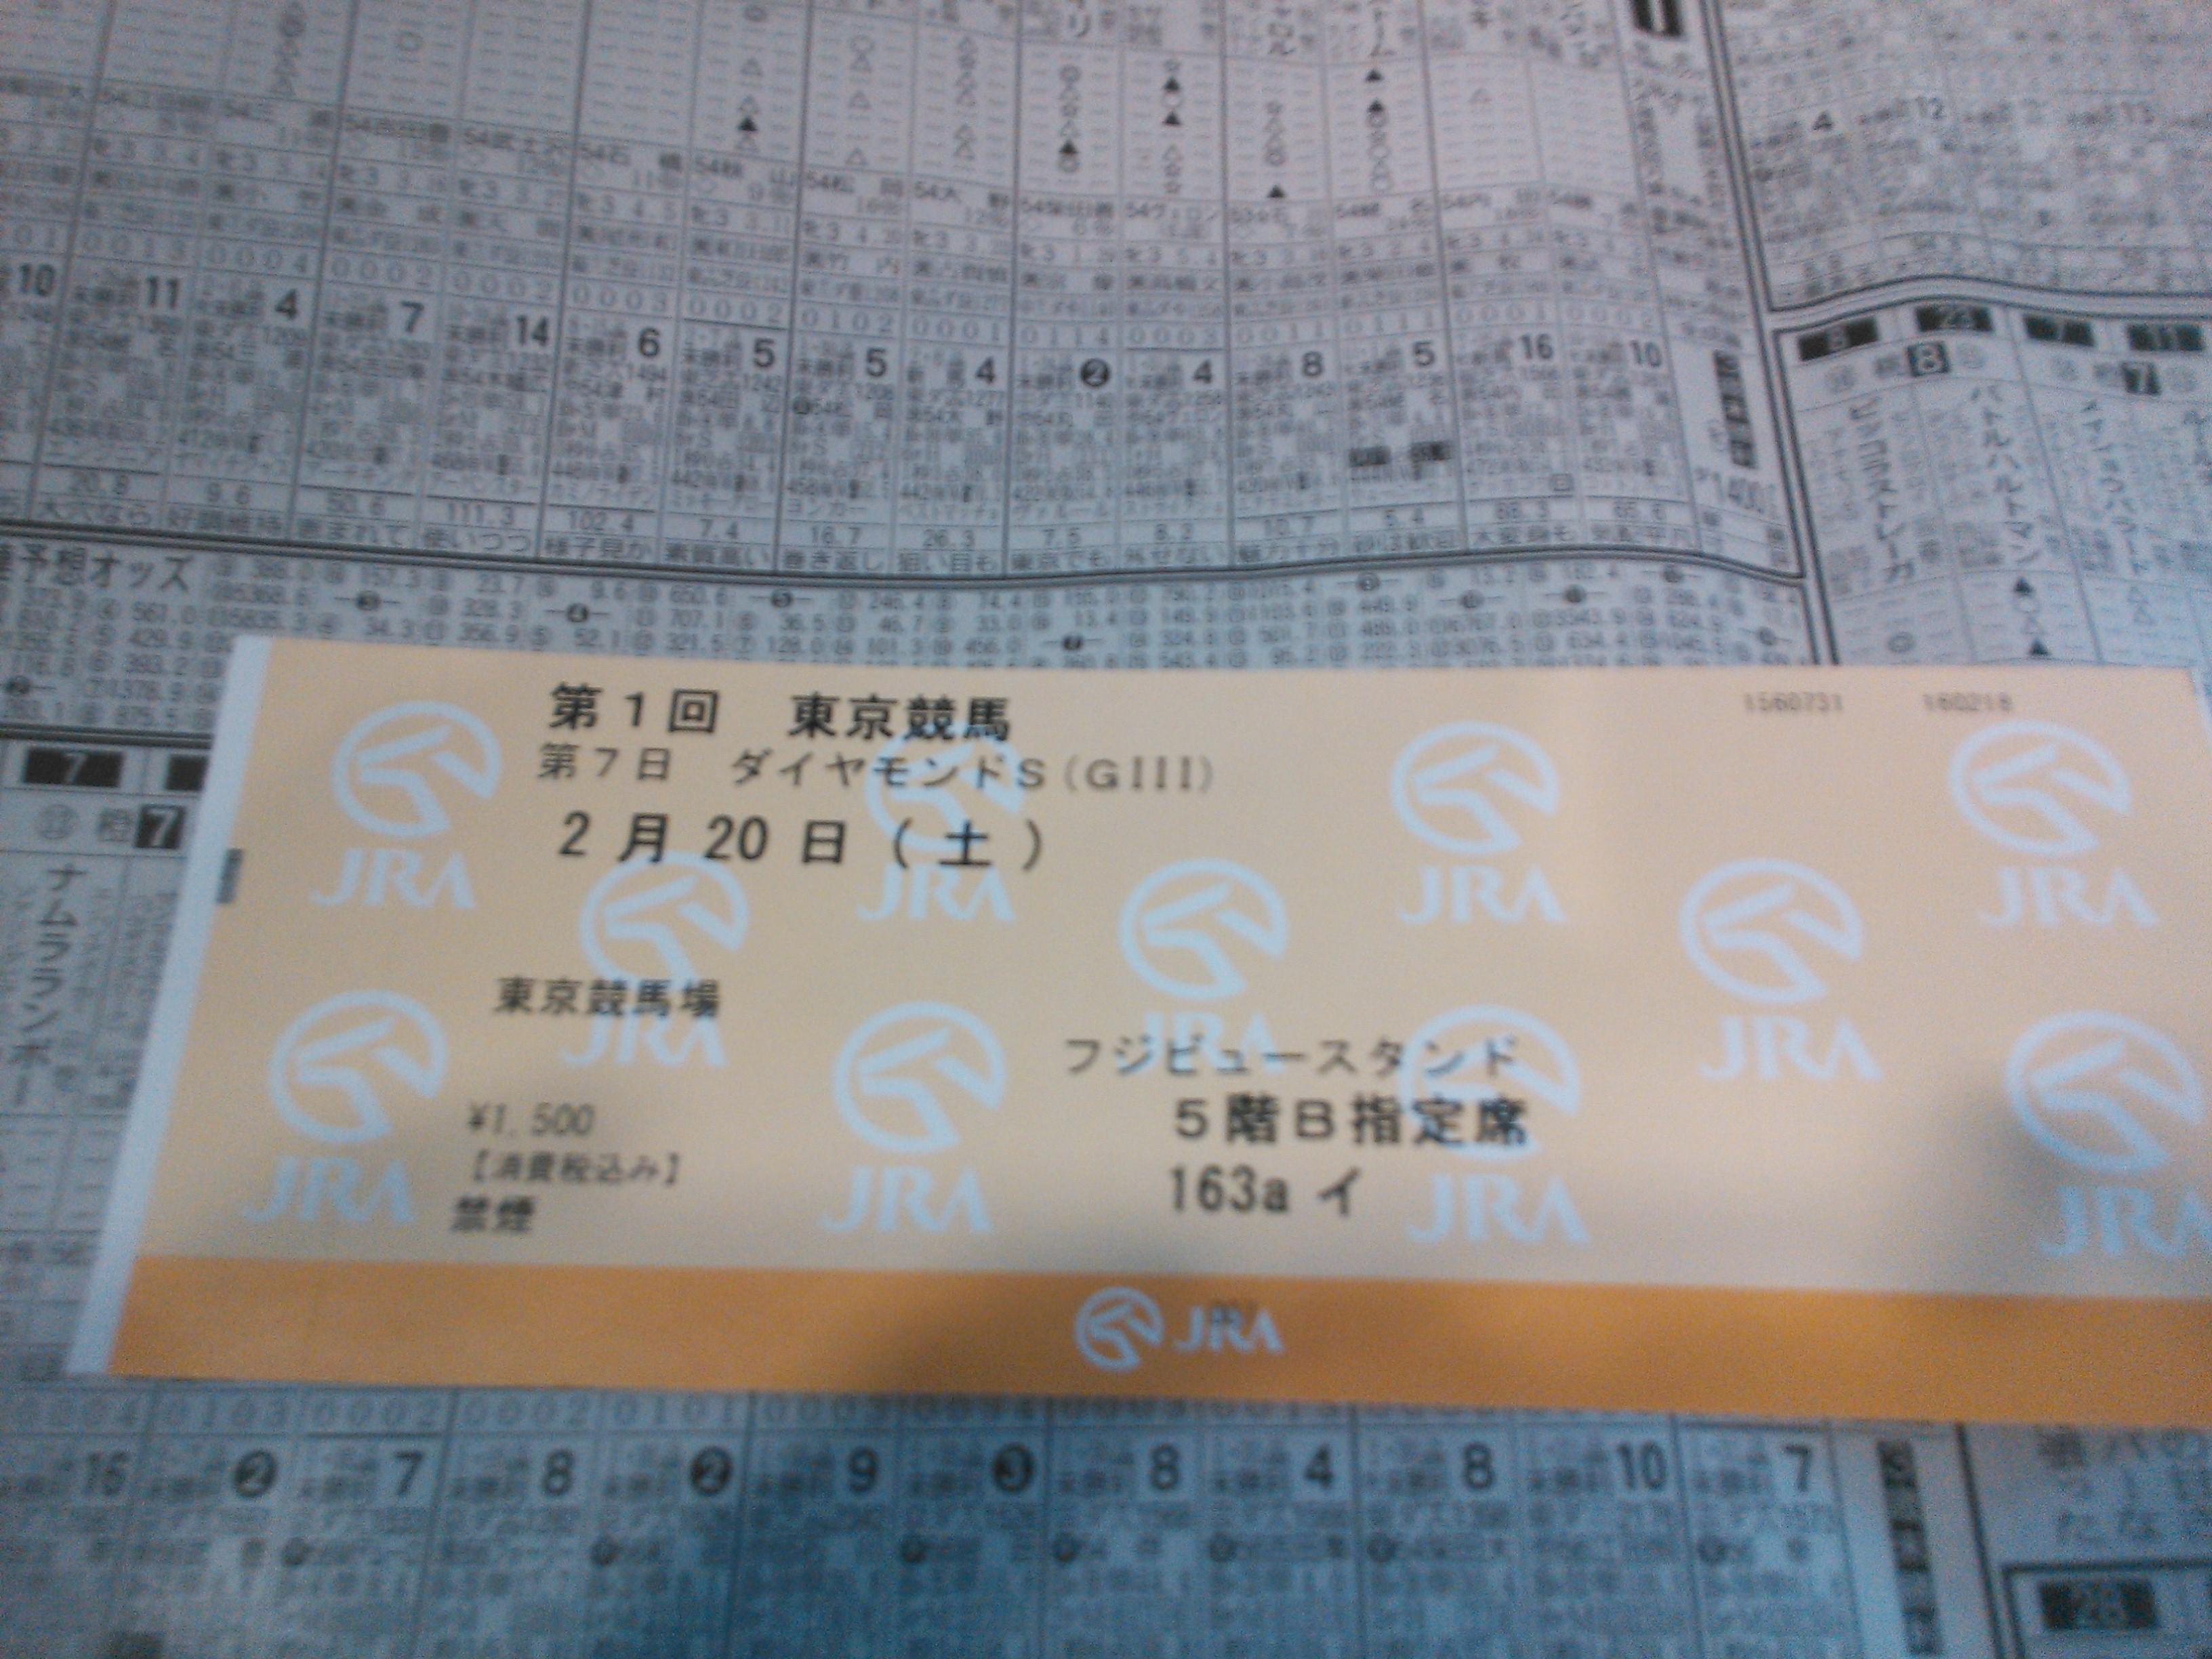 2016年2月20日(土)東京競馬場指定席チケット